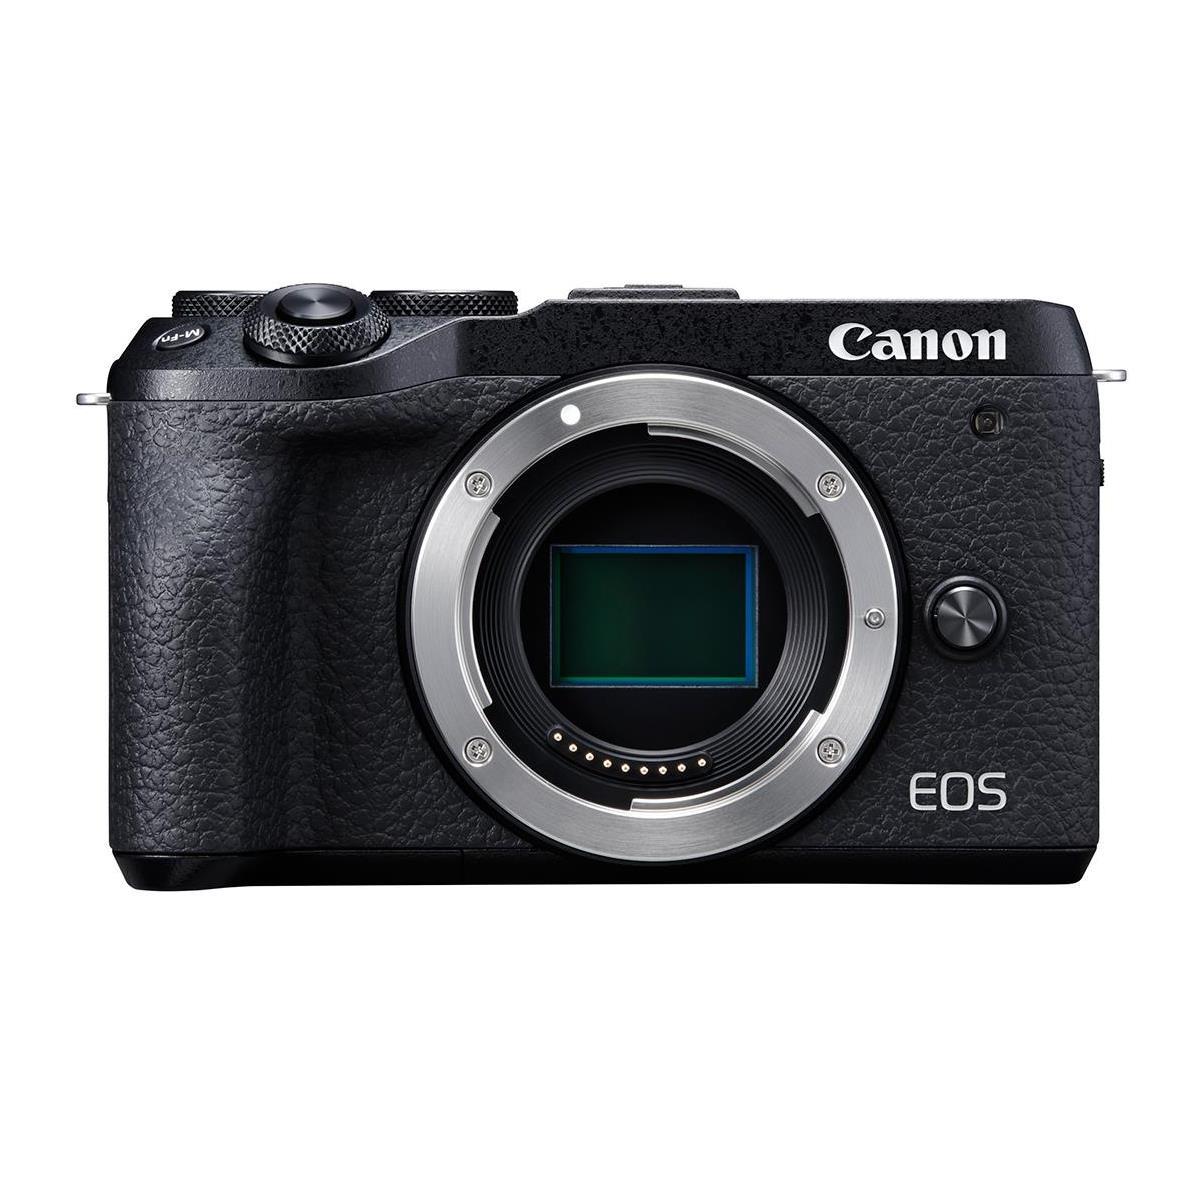 Canon EOS M6 Mark II Specs image